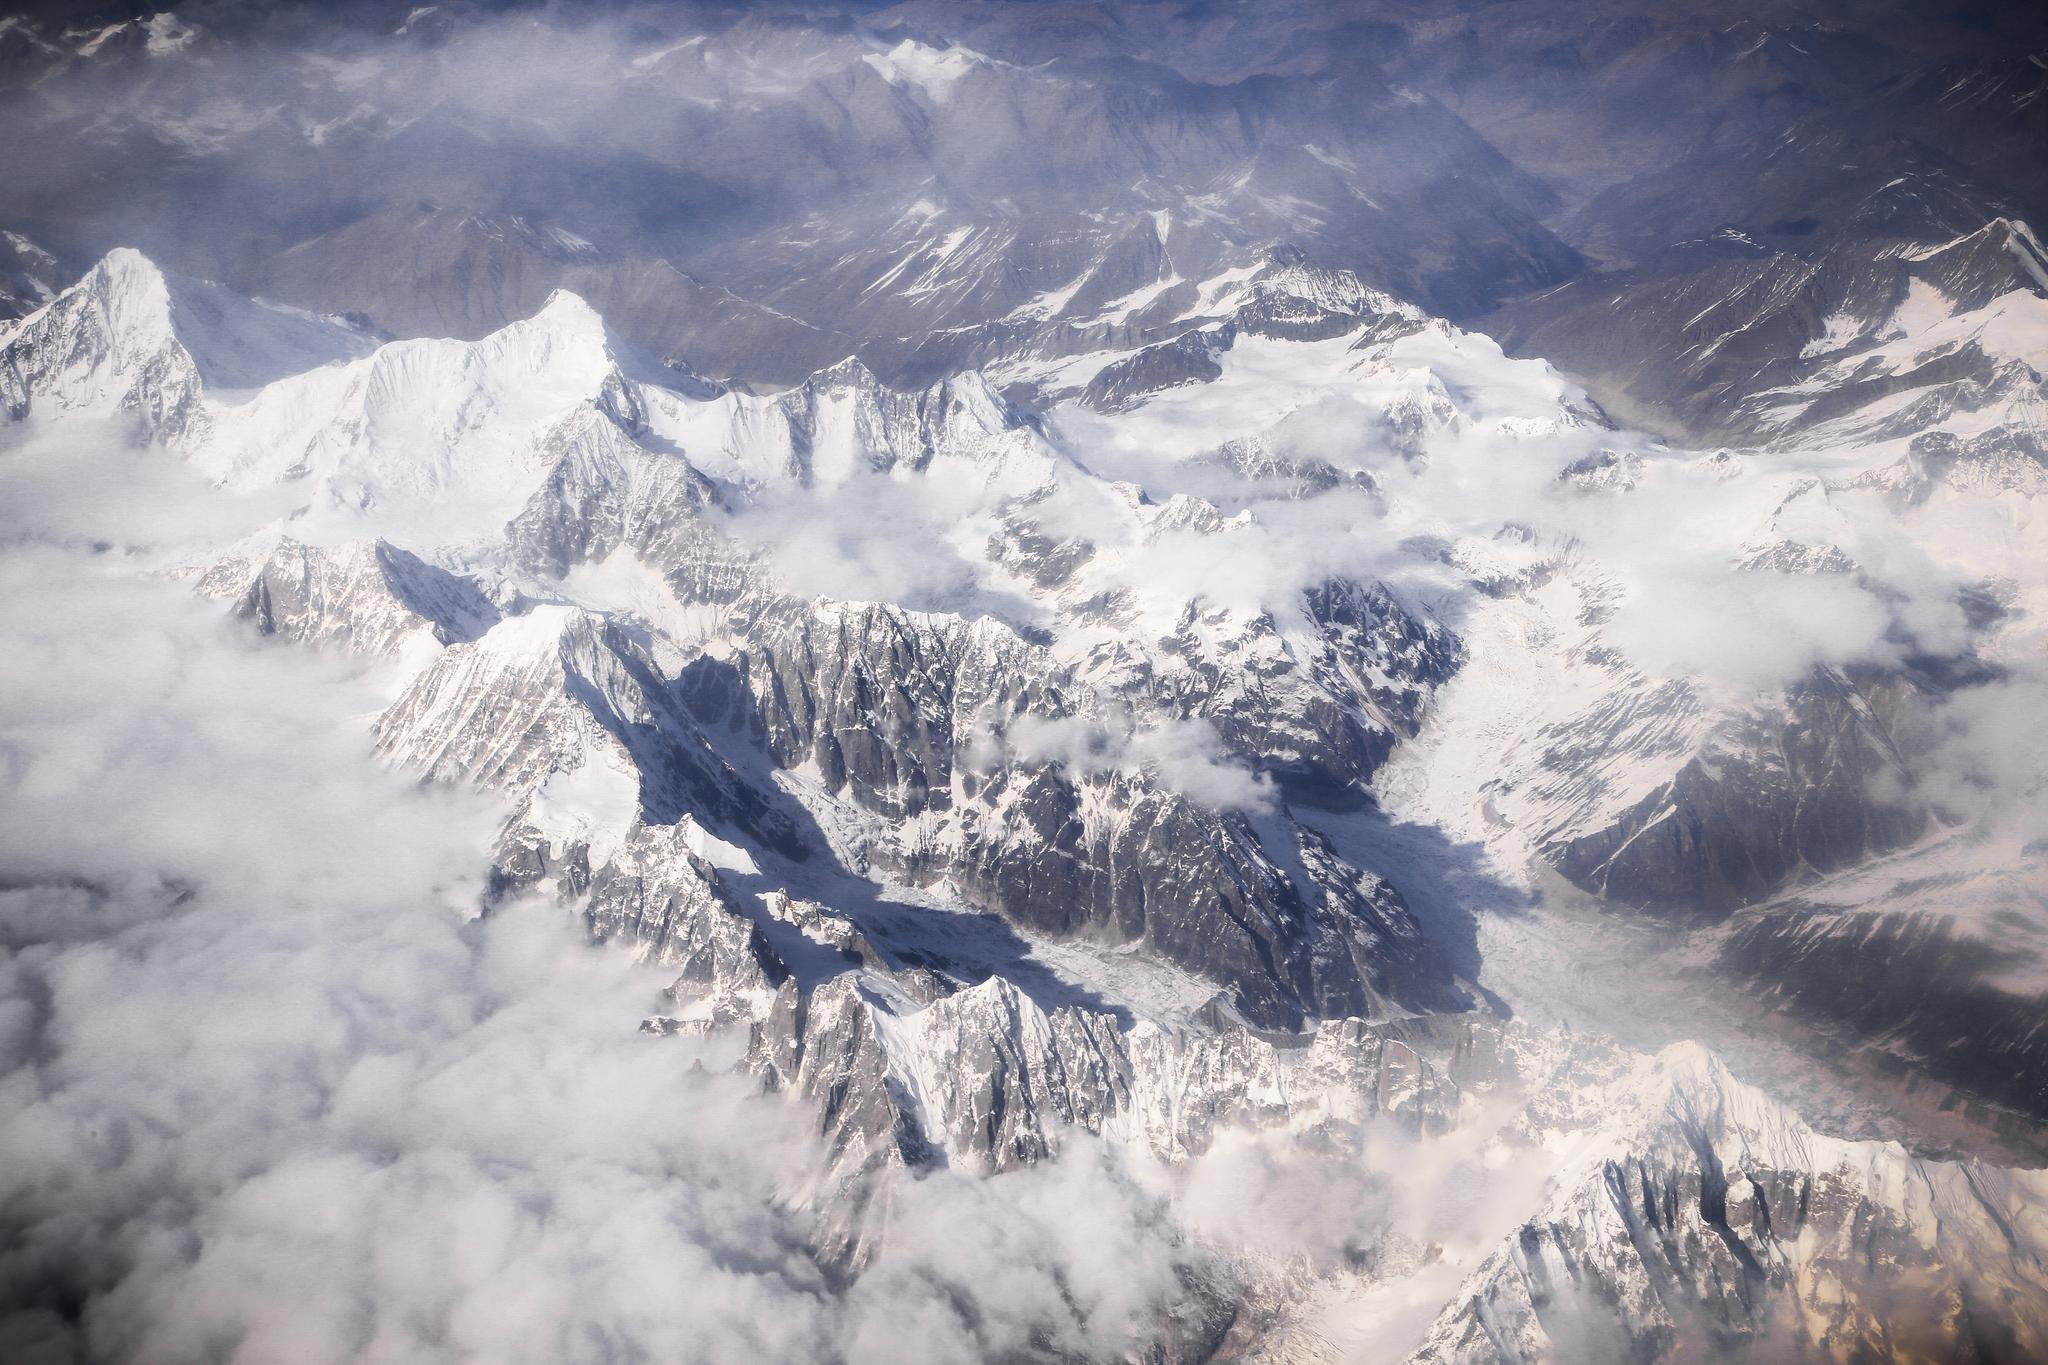 拍摄于一万米高空的西藏雪山